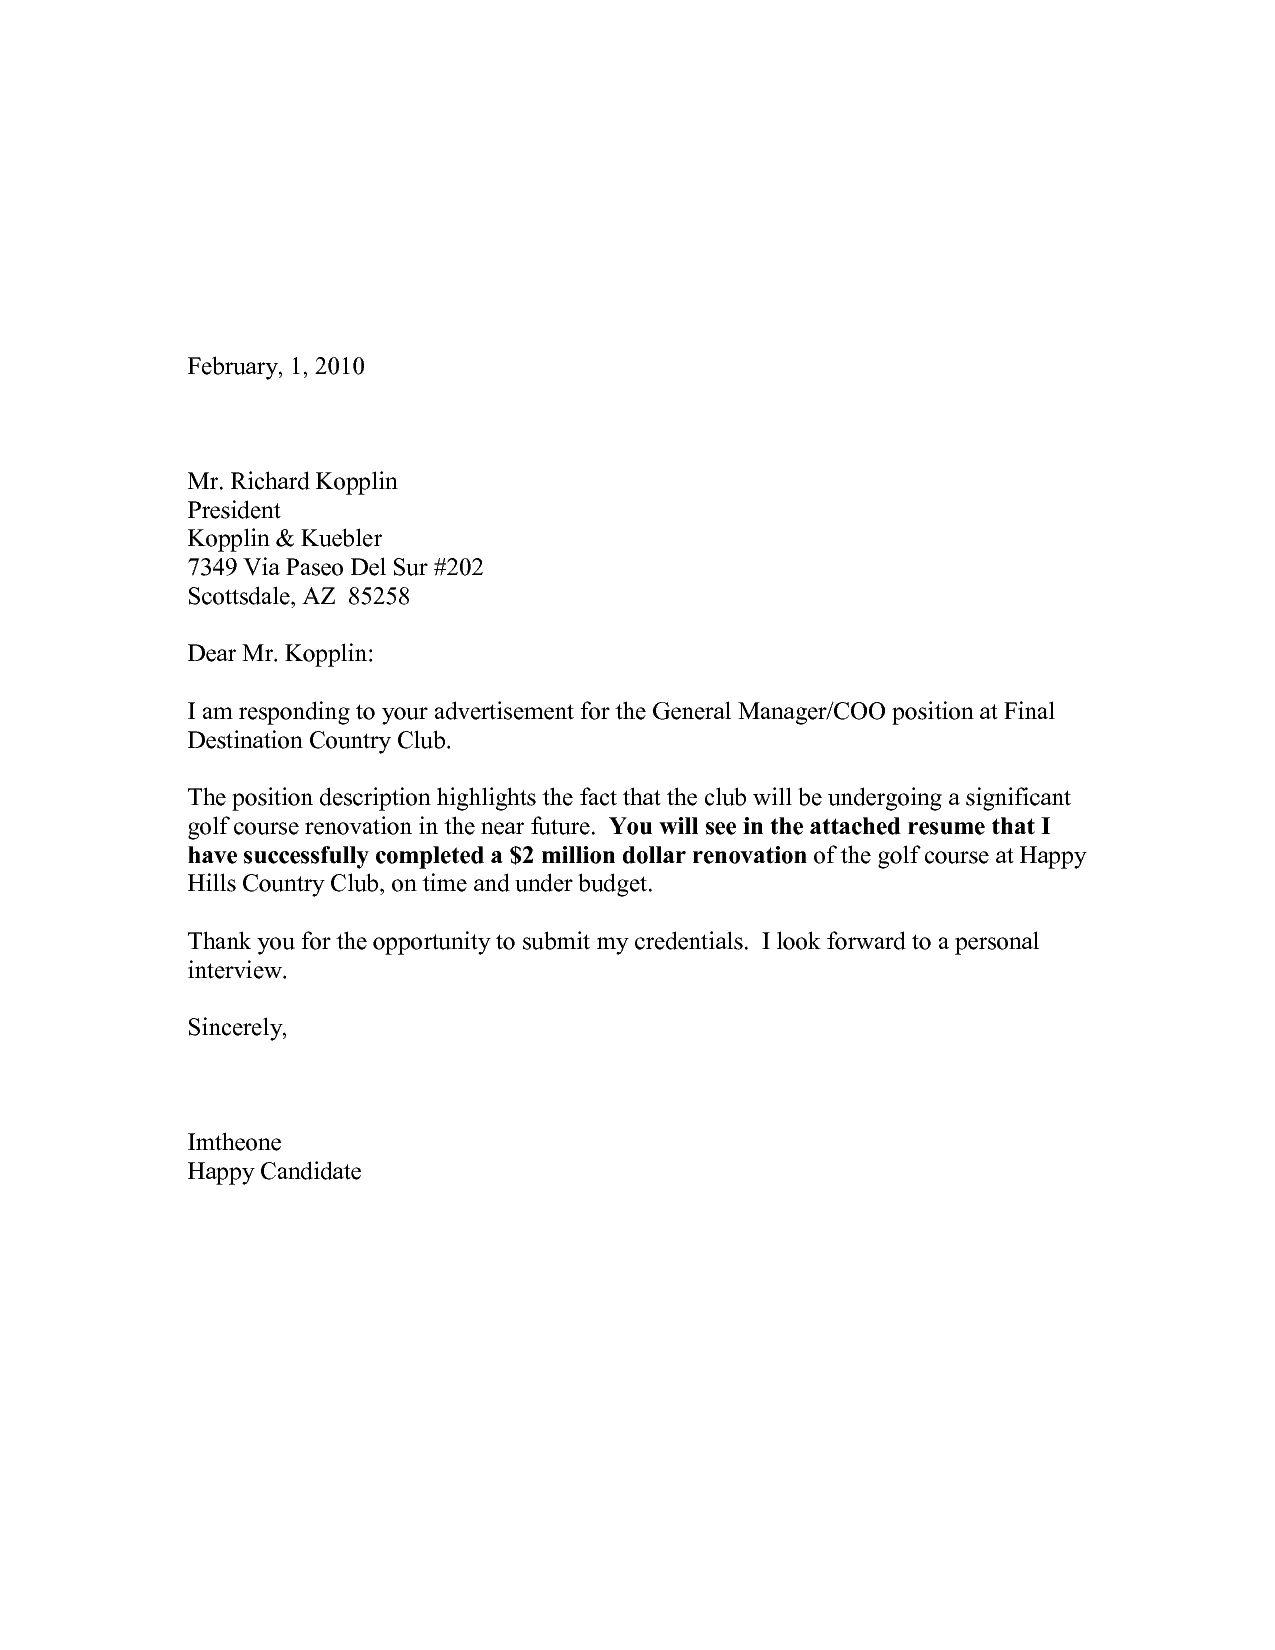 30 Resume Cover Letter Sample Cover Letter For Resume Job